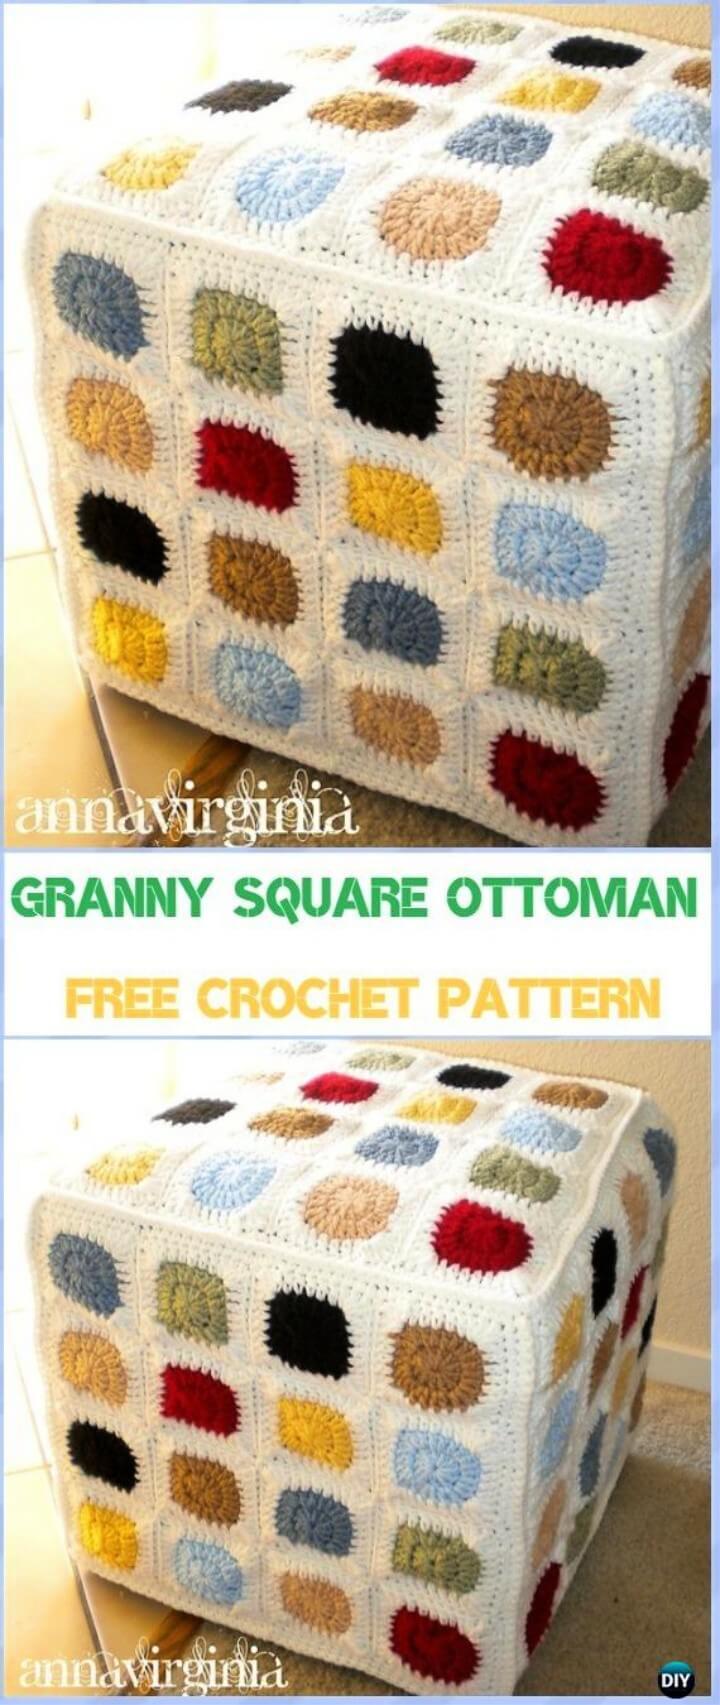 Granny Square Ottoman Cover